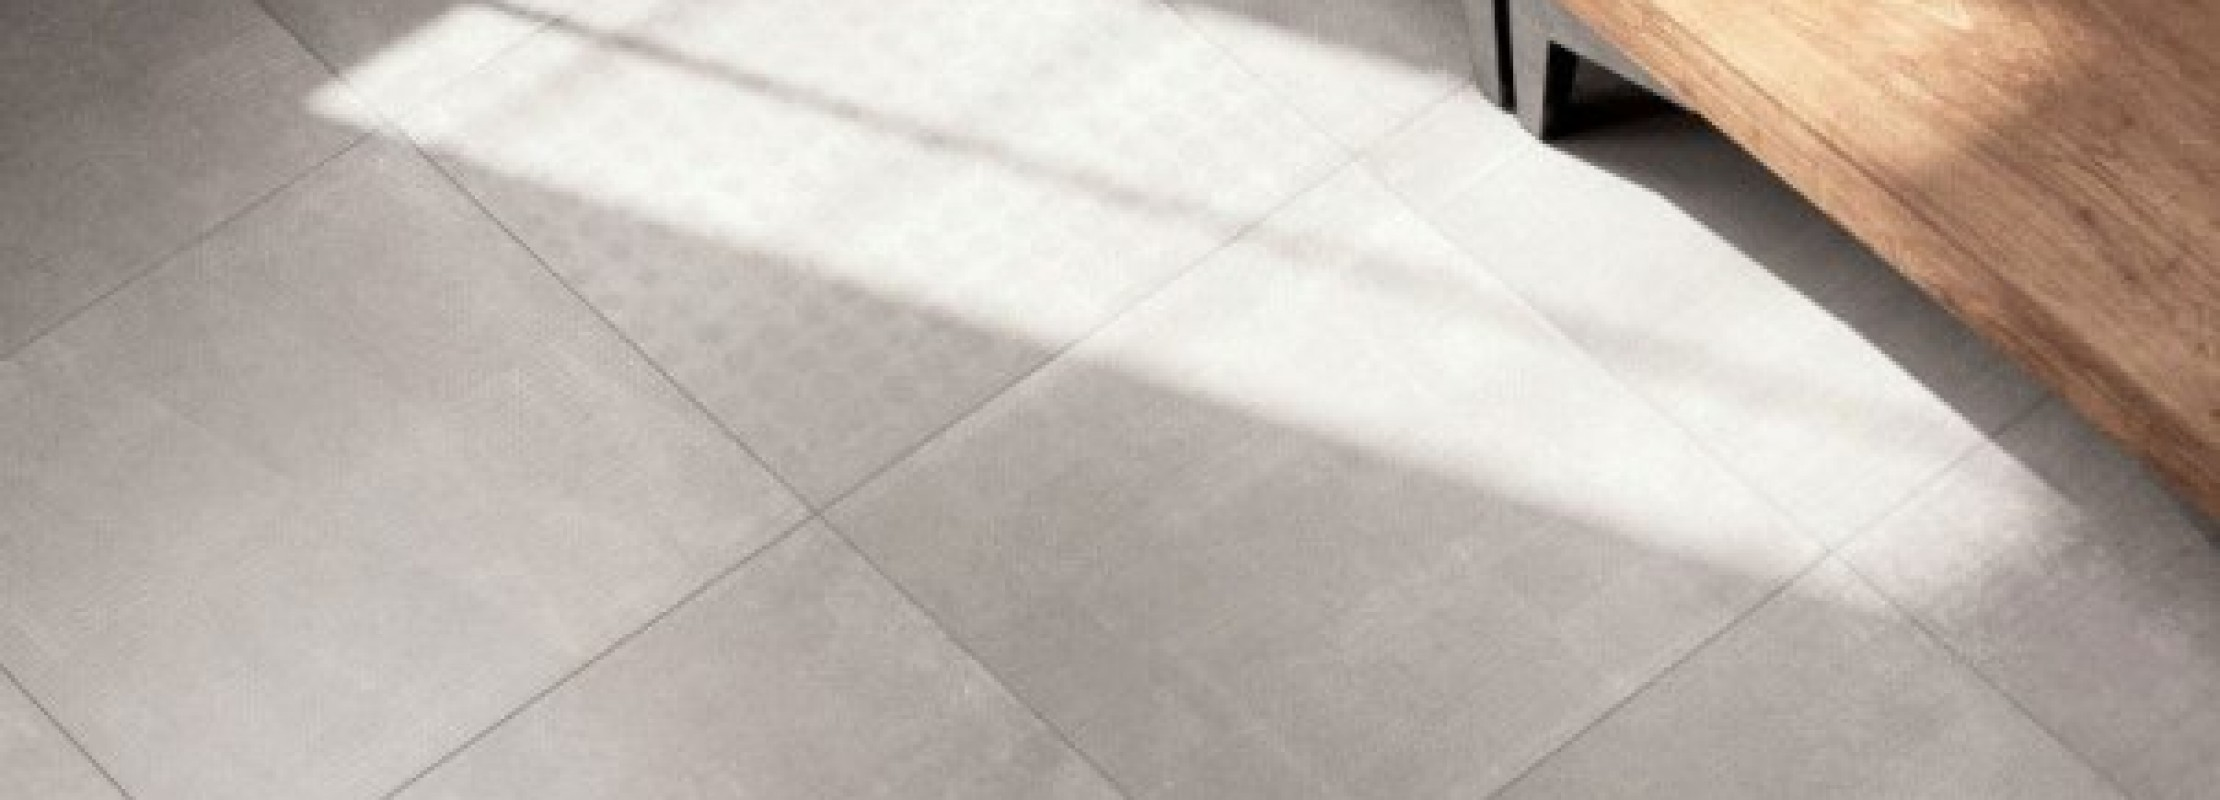 Pulizia Pavimenti Marmo.Come Pulire Il Gres Porcellanato Effetto Marmo Blog Edilnet